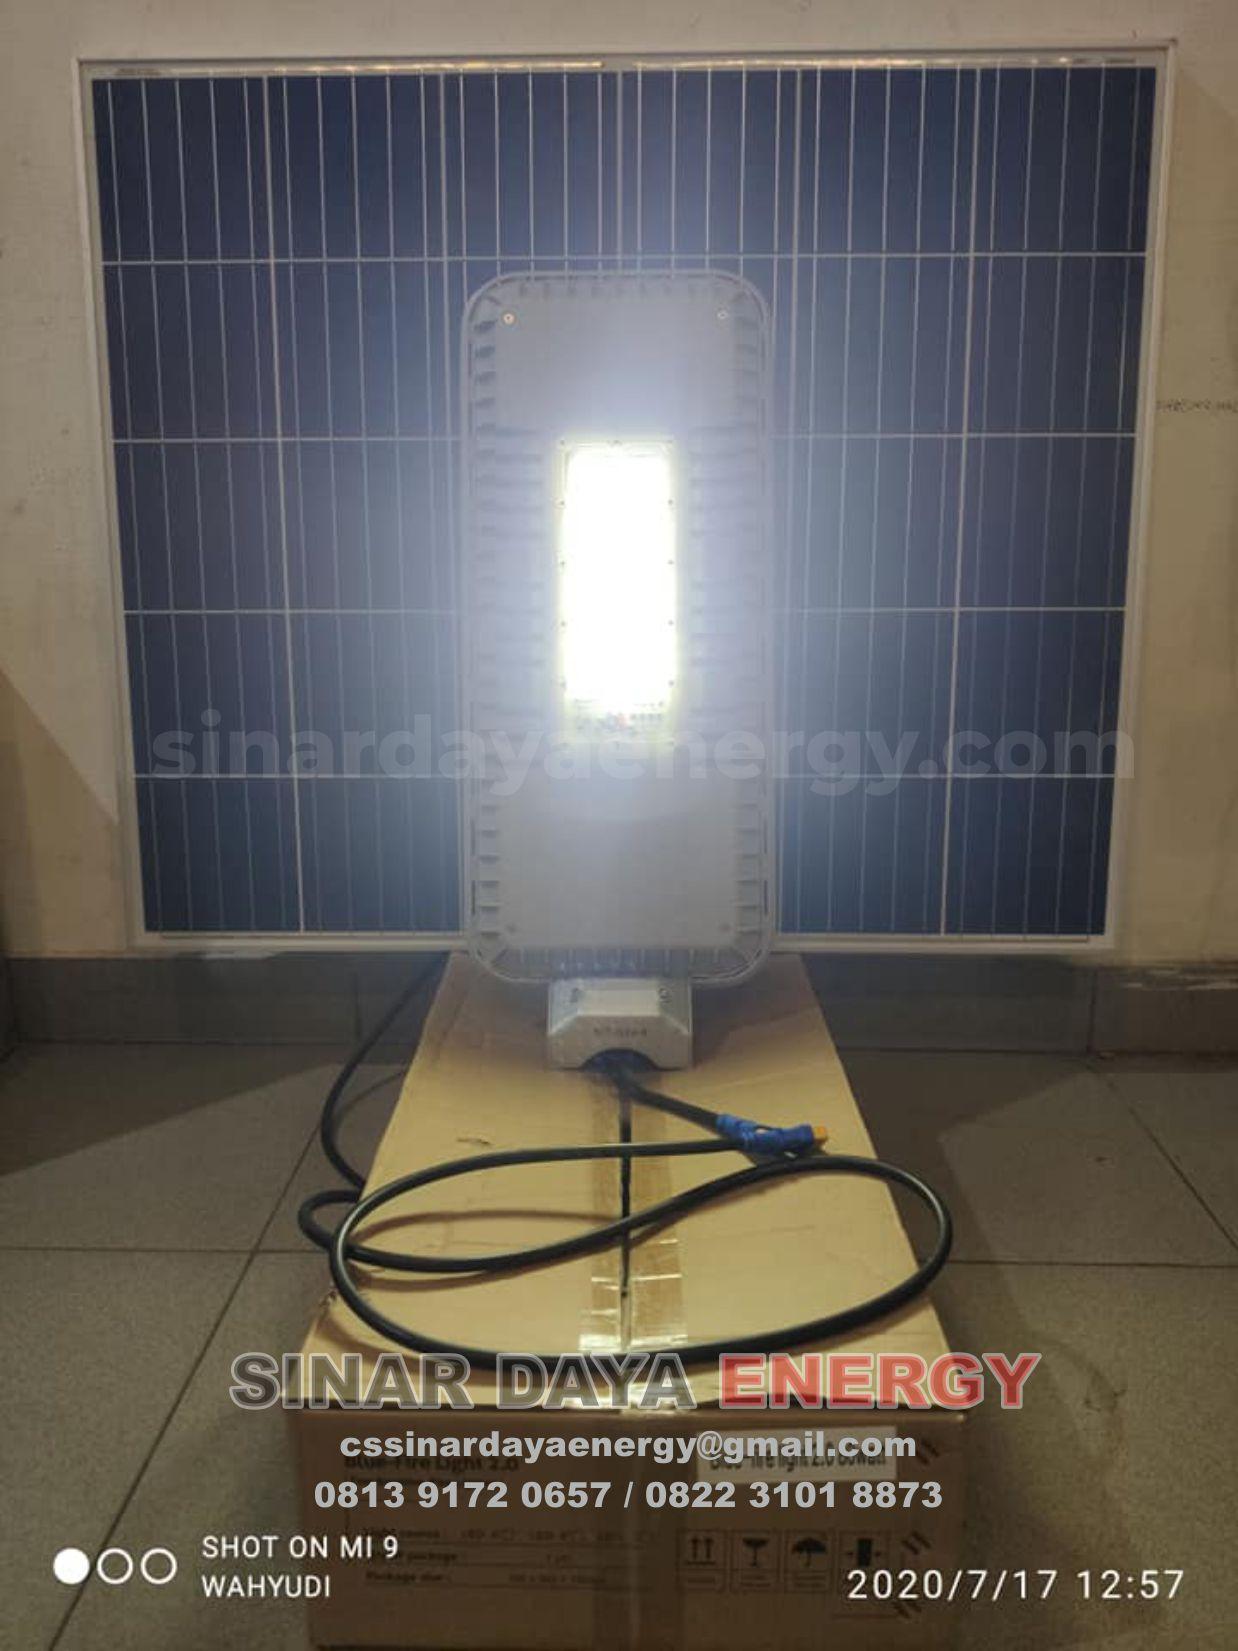 Lampu Penerangan Jalan Umum Tenaga Surya 2in1 80w